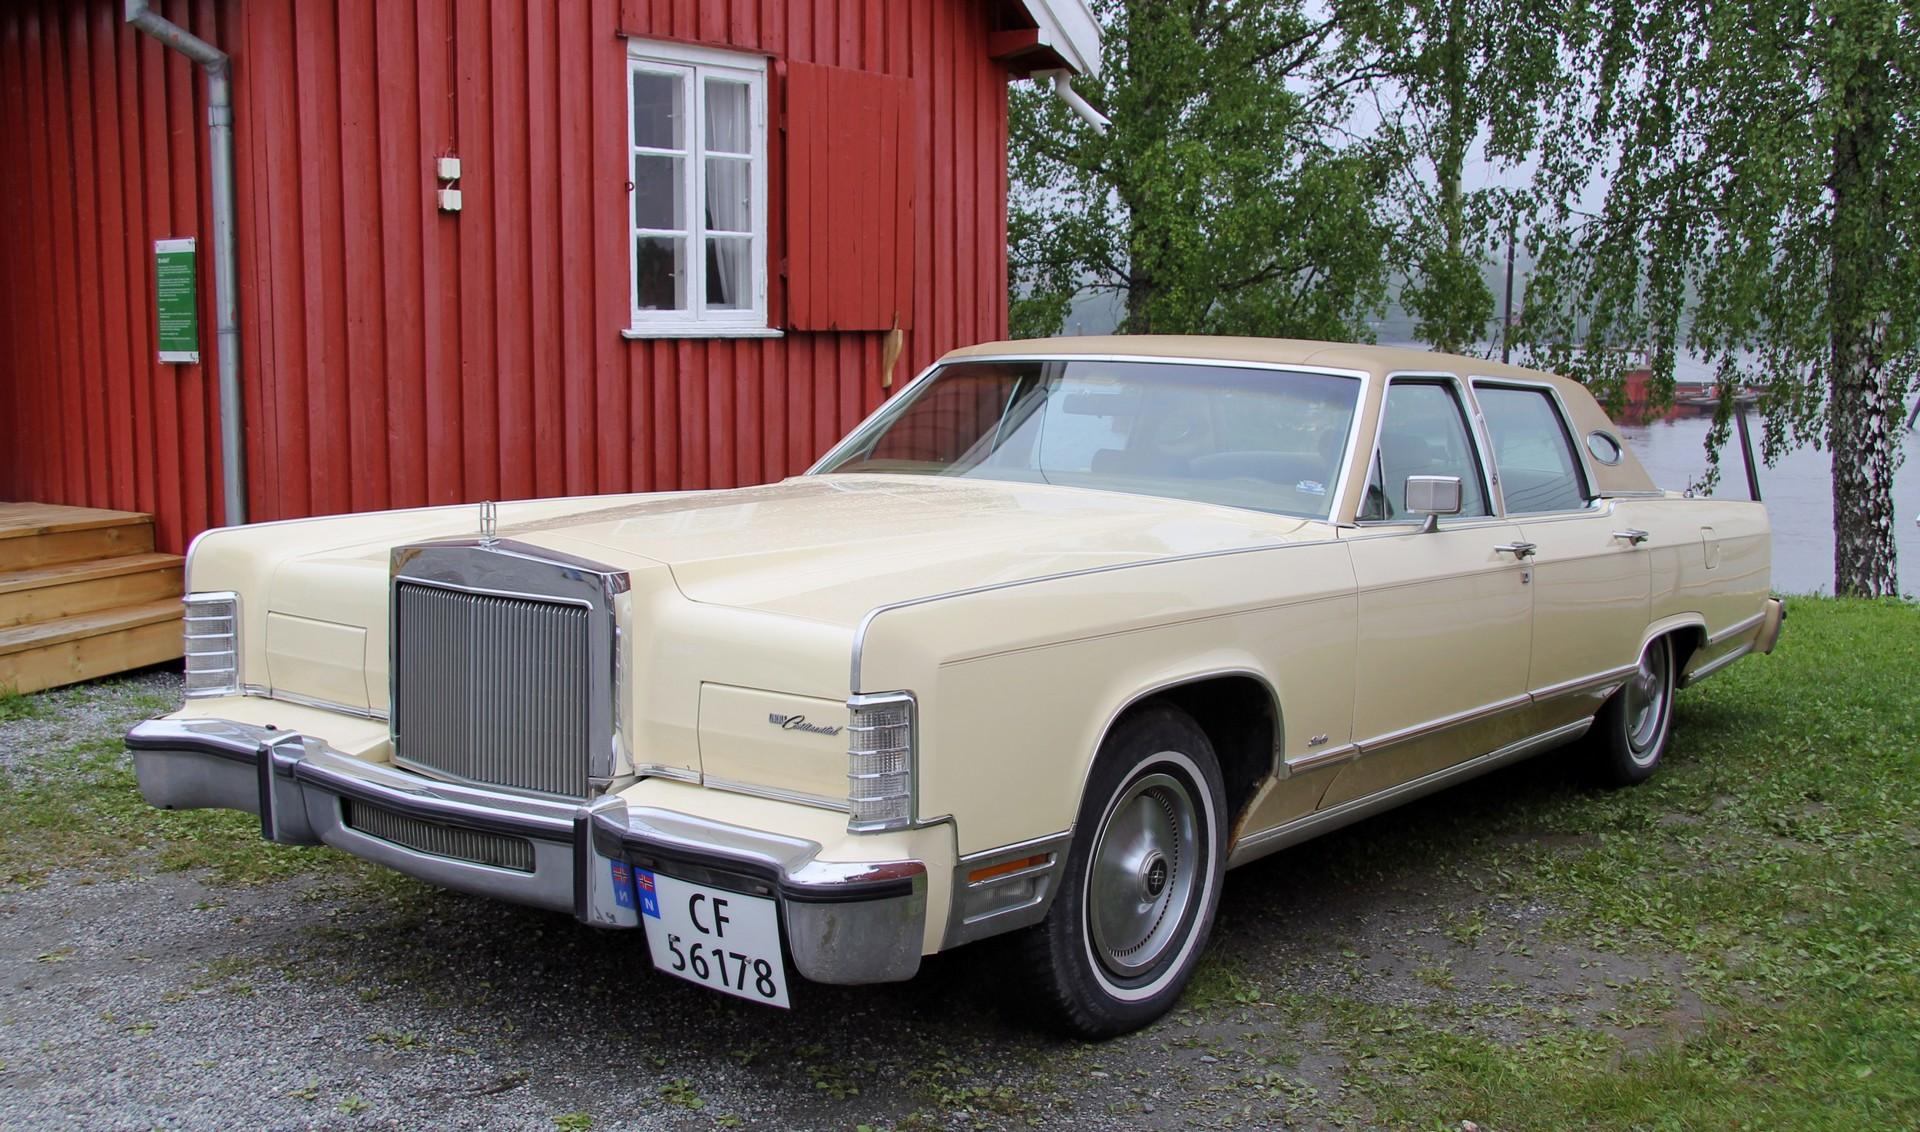 093-1979 Lincoln Continental Town Car 01. Eiere- M